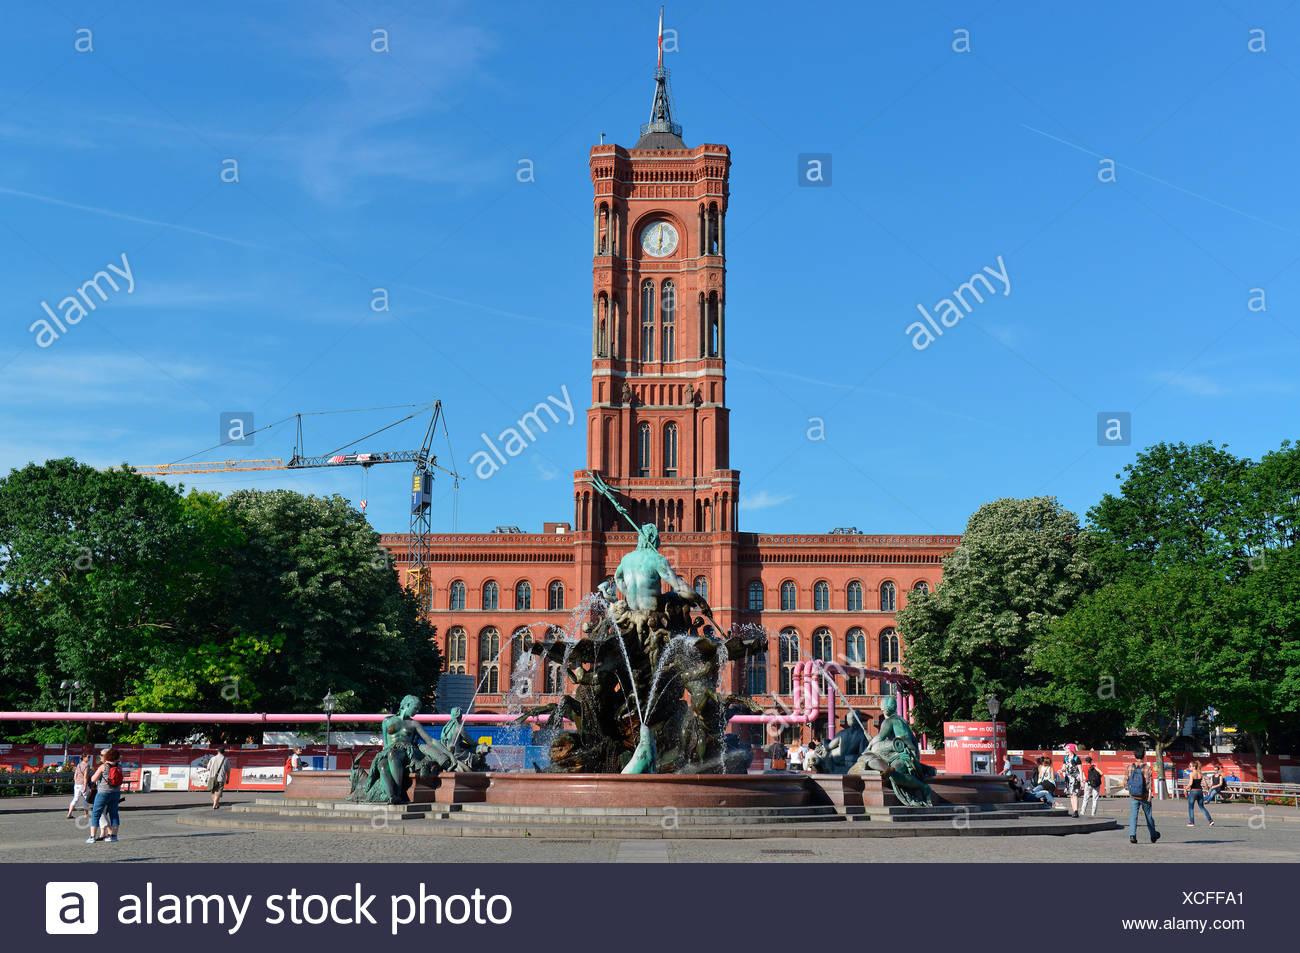 Rotes Rathaus, Rathausstraße, Mitte, Berlin, Deutschland Stockbild